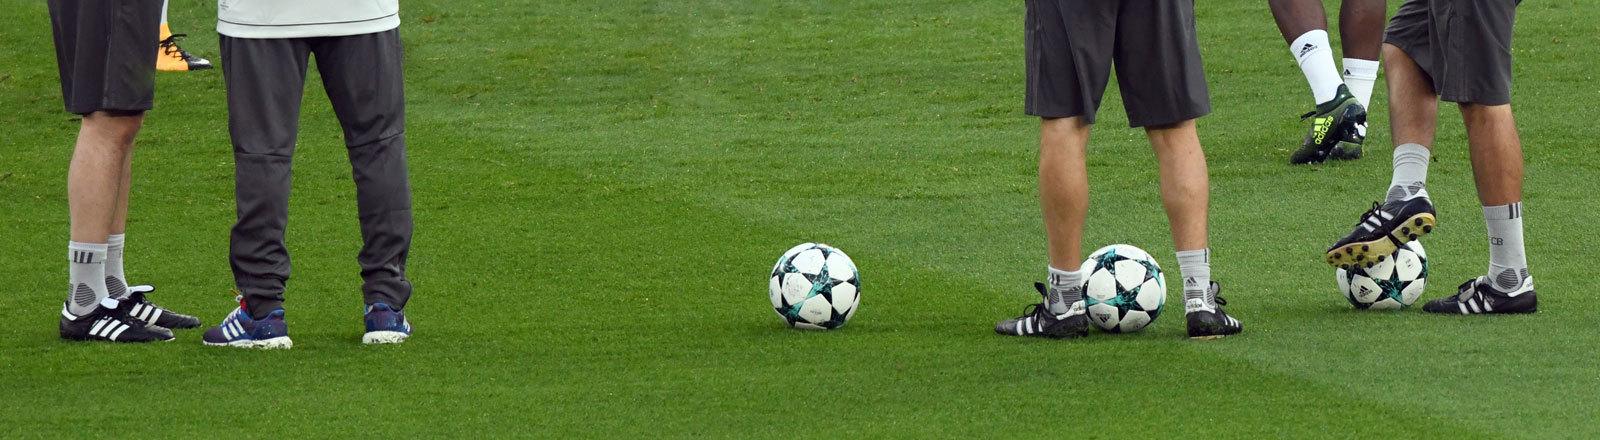 Fußballer beim Training